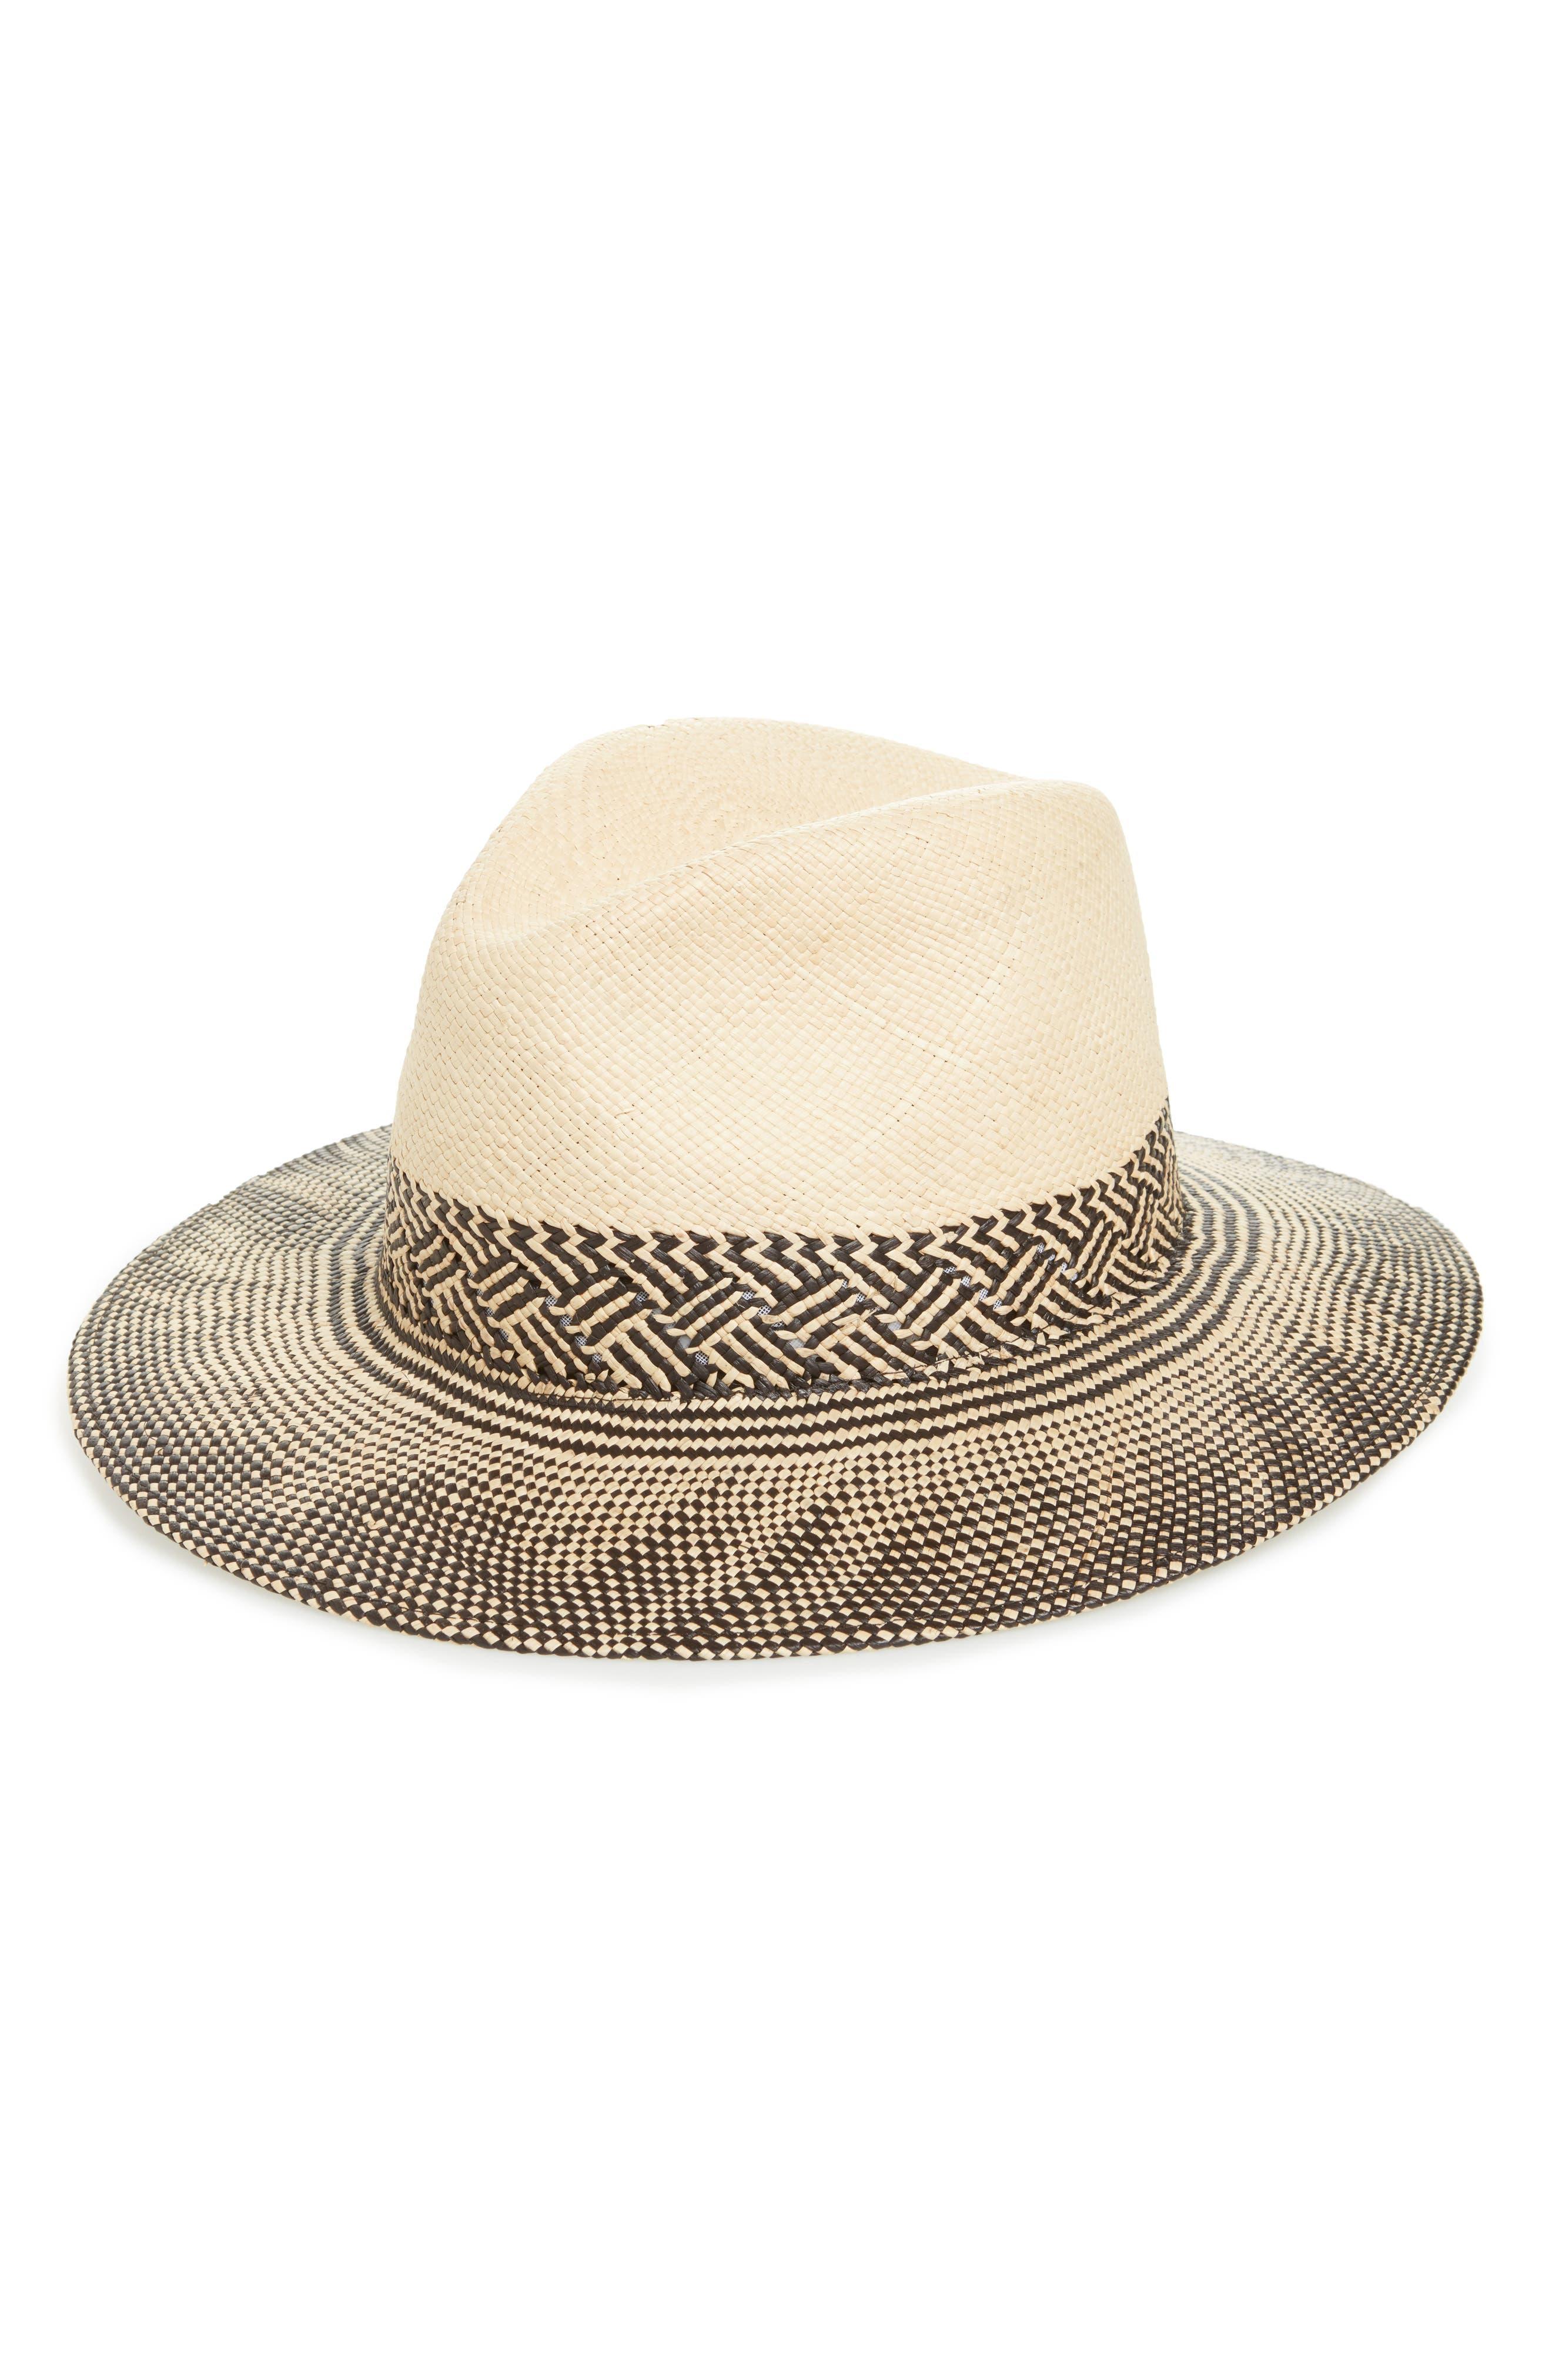 Straw Panama Hat,                             Main thumbnail 1, color,                             290